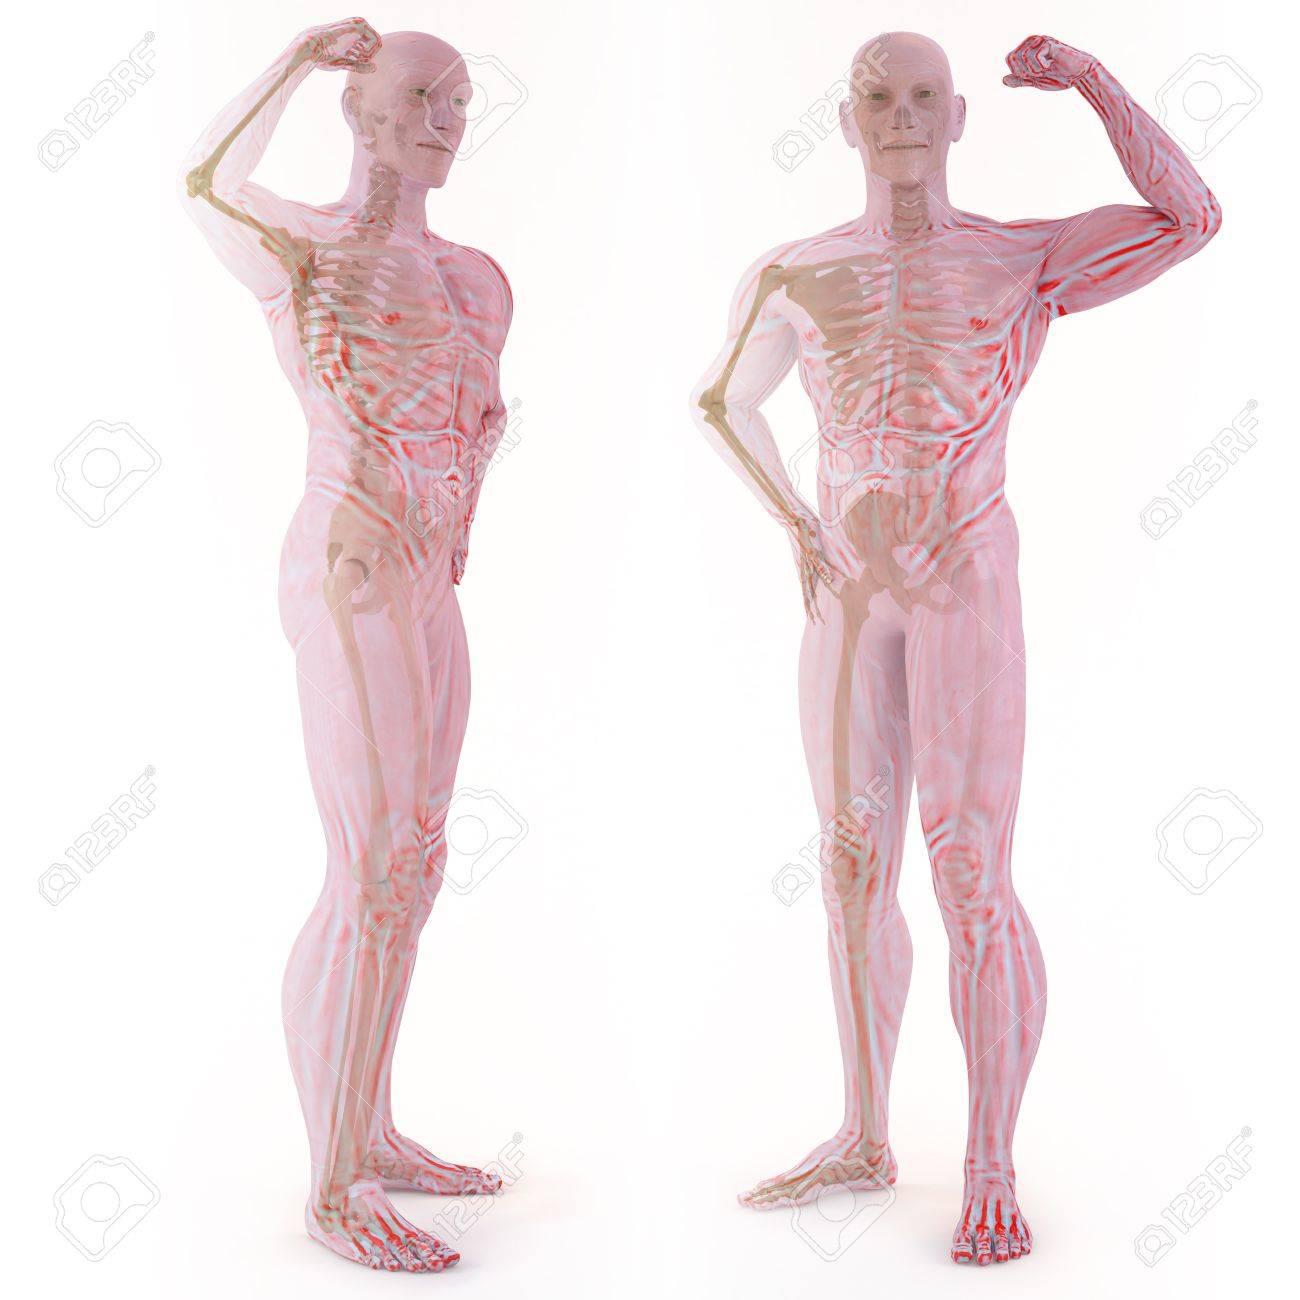 Transluzente Menschlichen Körper Mit Knochen Sichtbar. Isoliert Auf ...